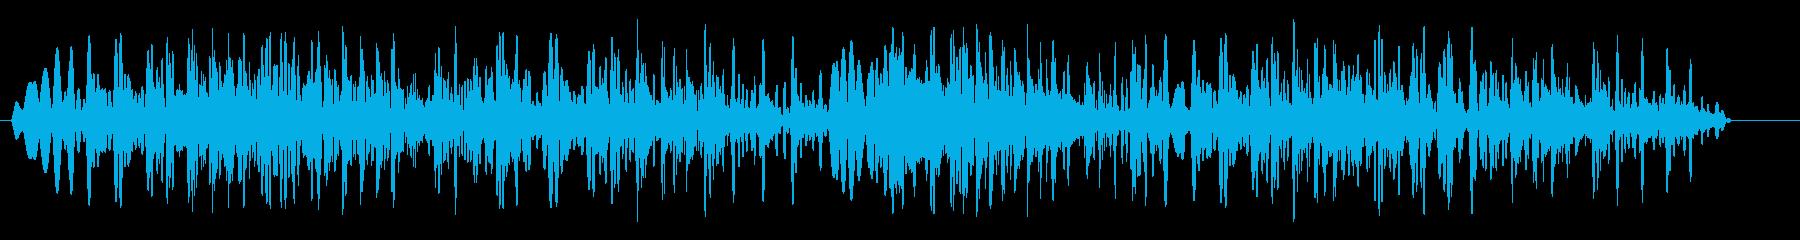 剣を振り回す音(中国風)の再生済みの波形